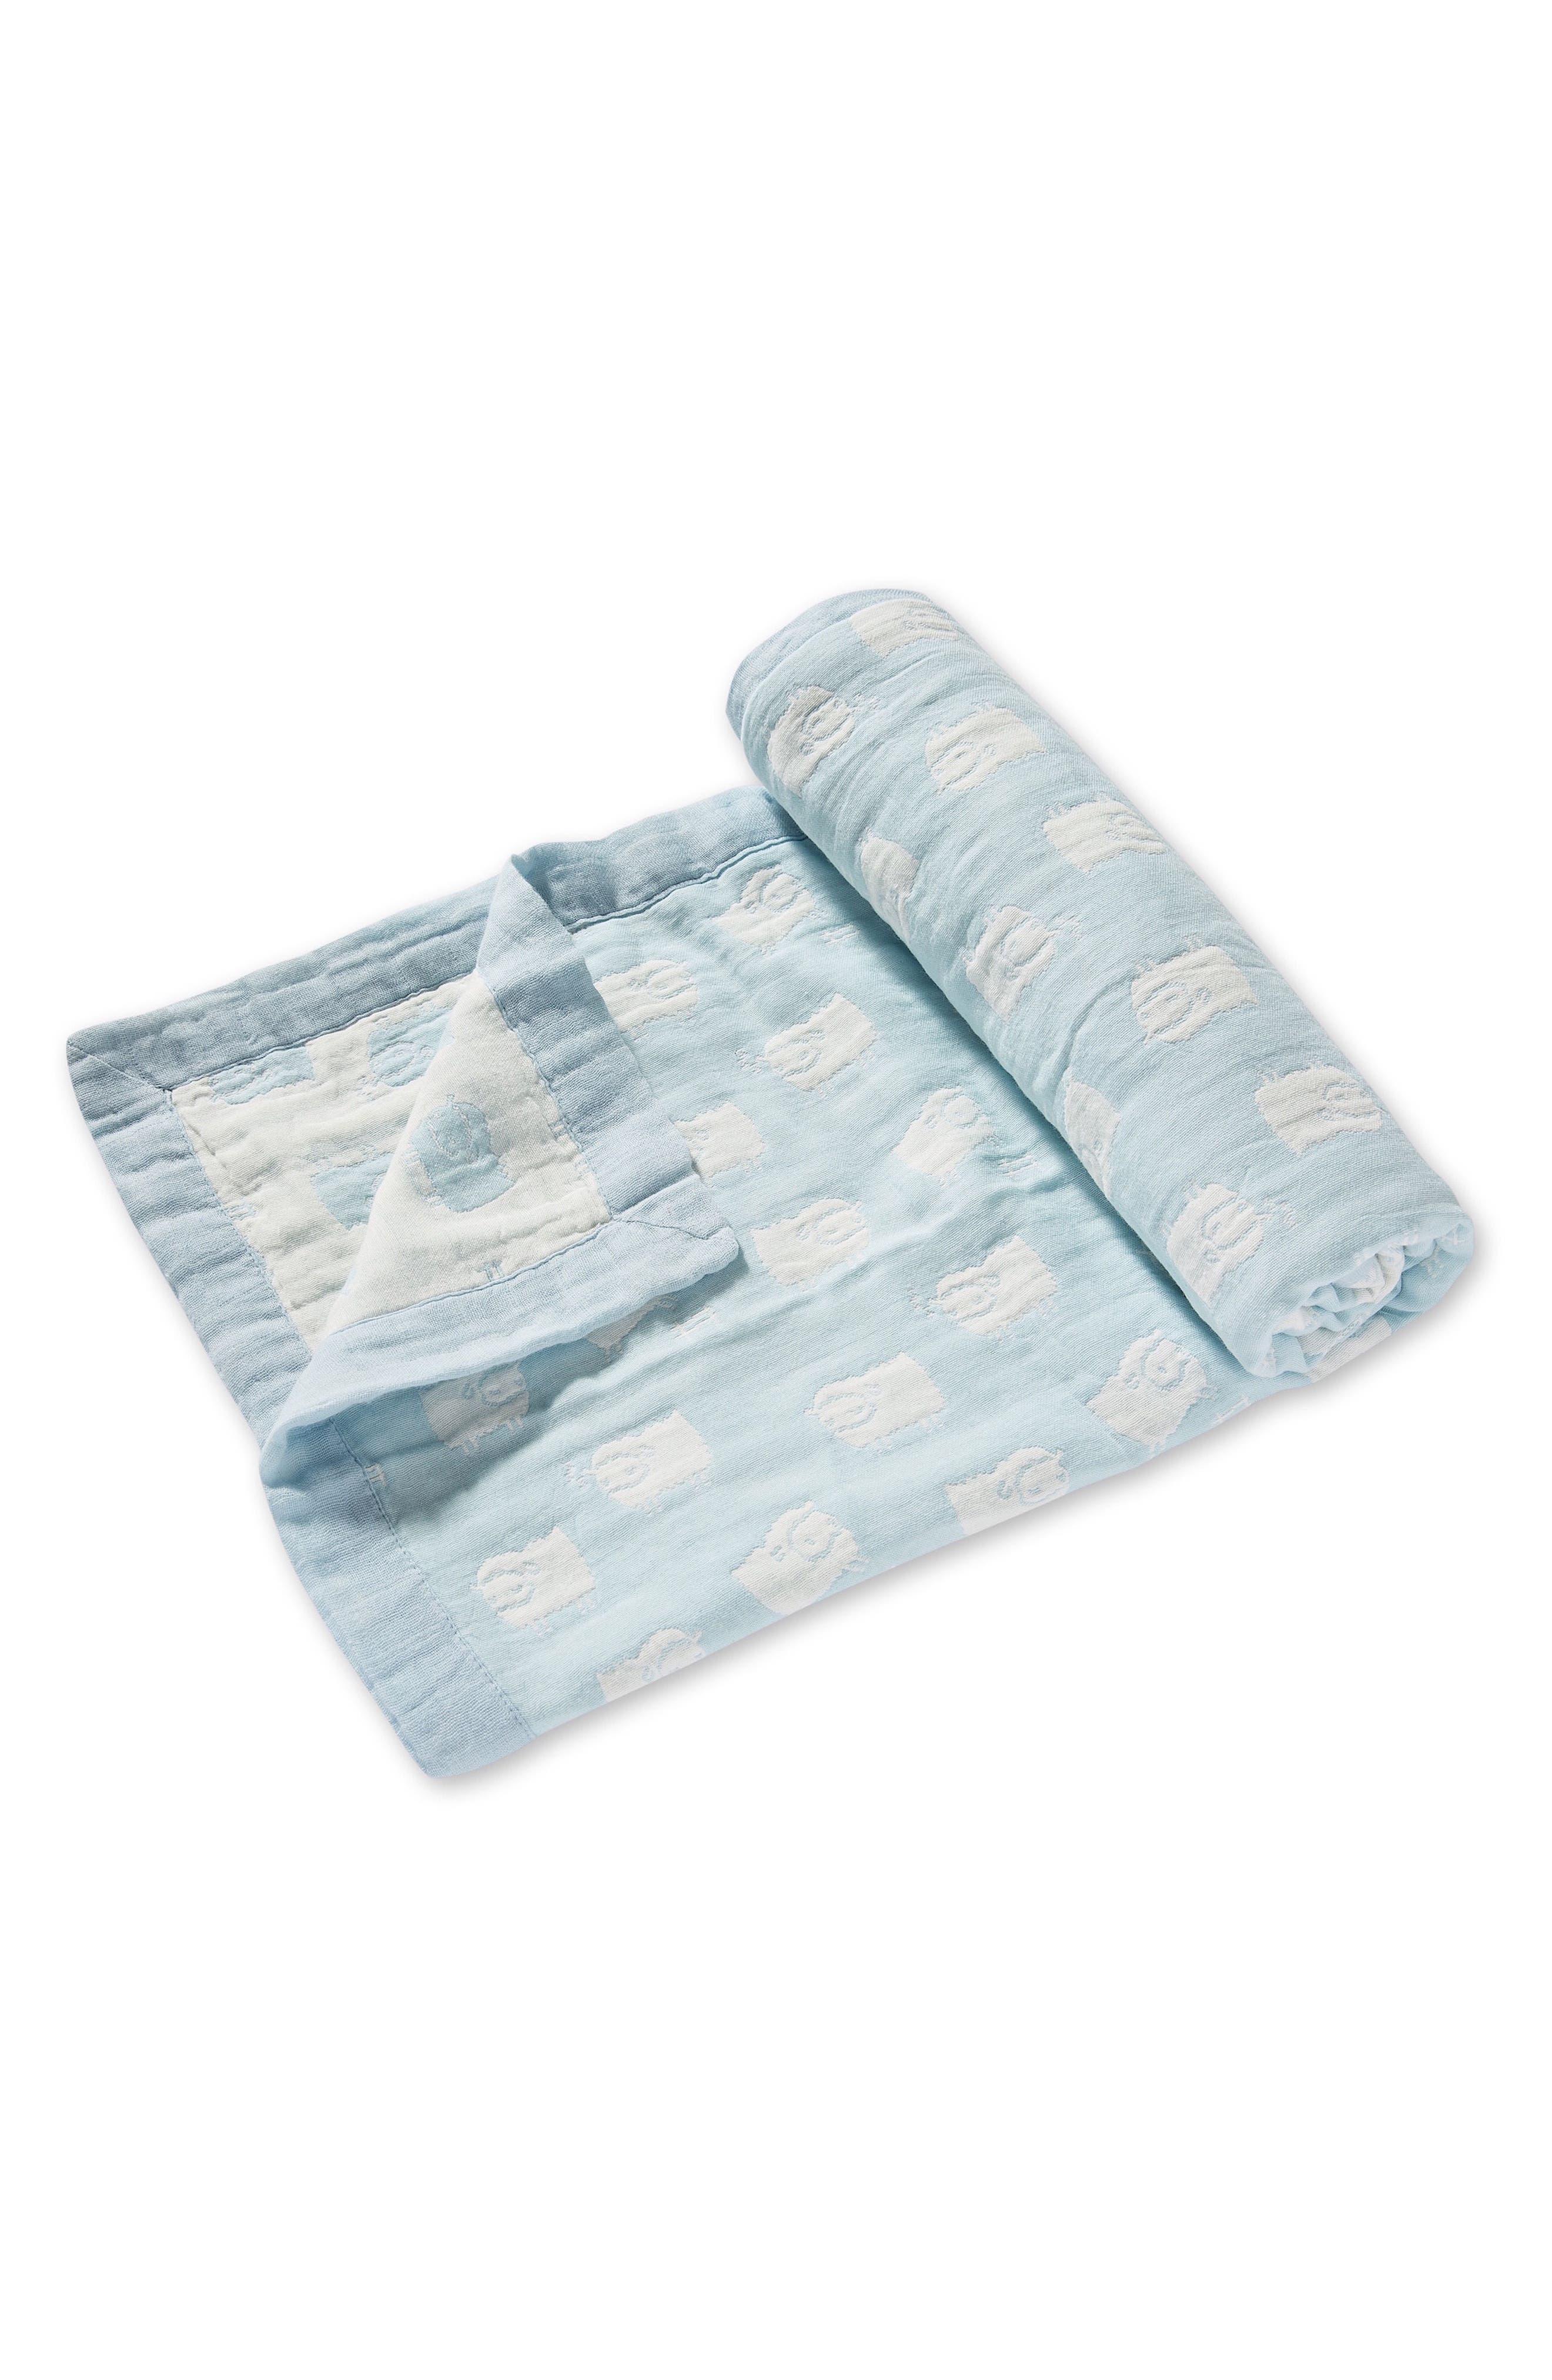 Lamb Jacquard Blanket & Blankie Set,                             Alternate thumbnail 3, color,                             Blue Sheep